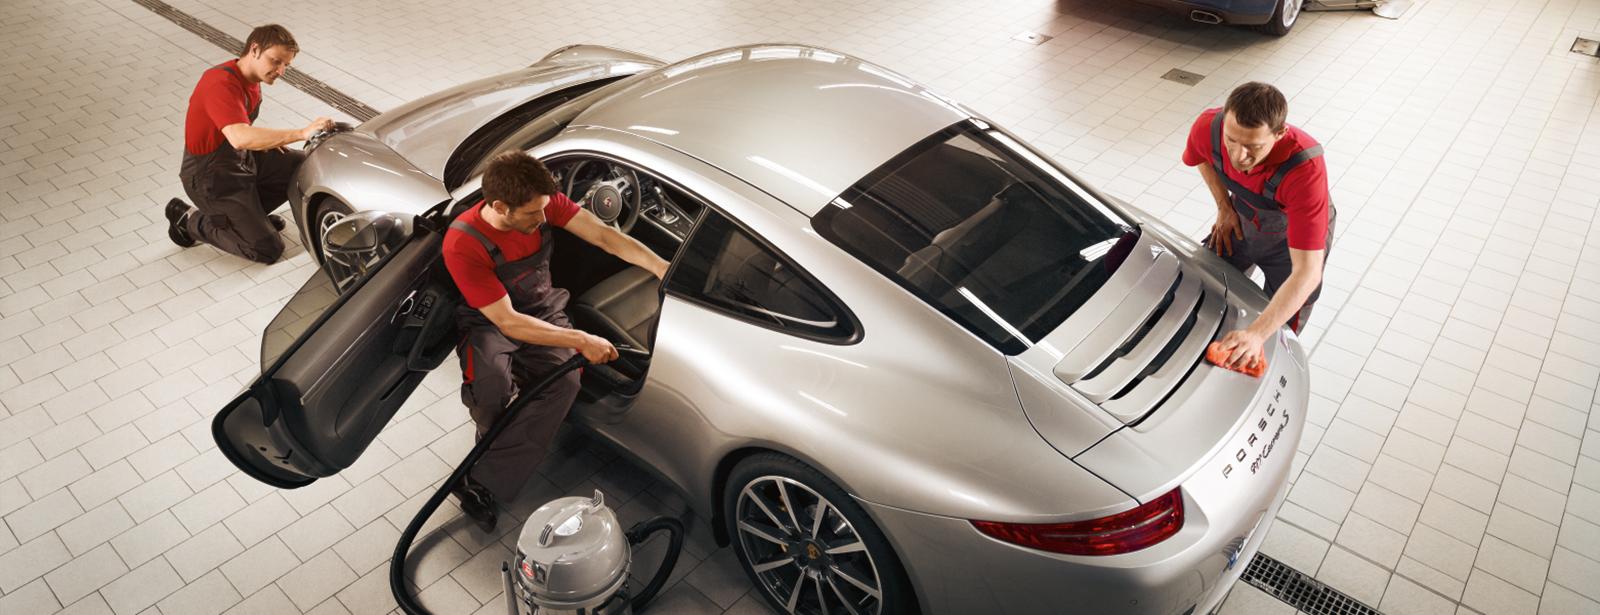 Porsche zentrum leipzig porsche service for Interieur team leipzig